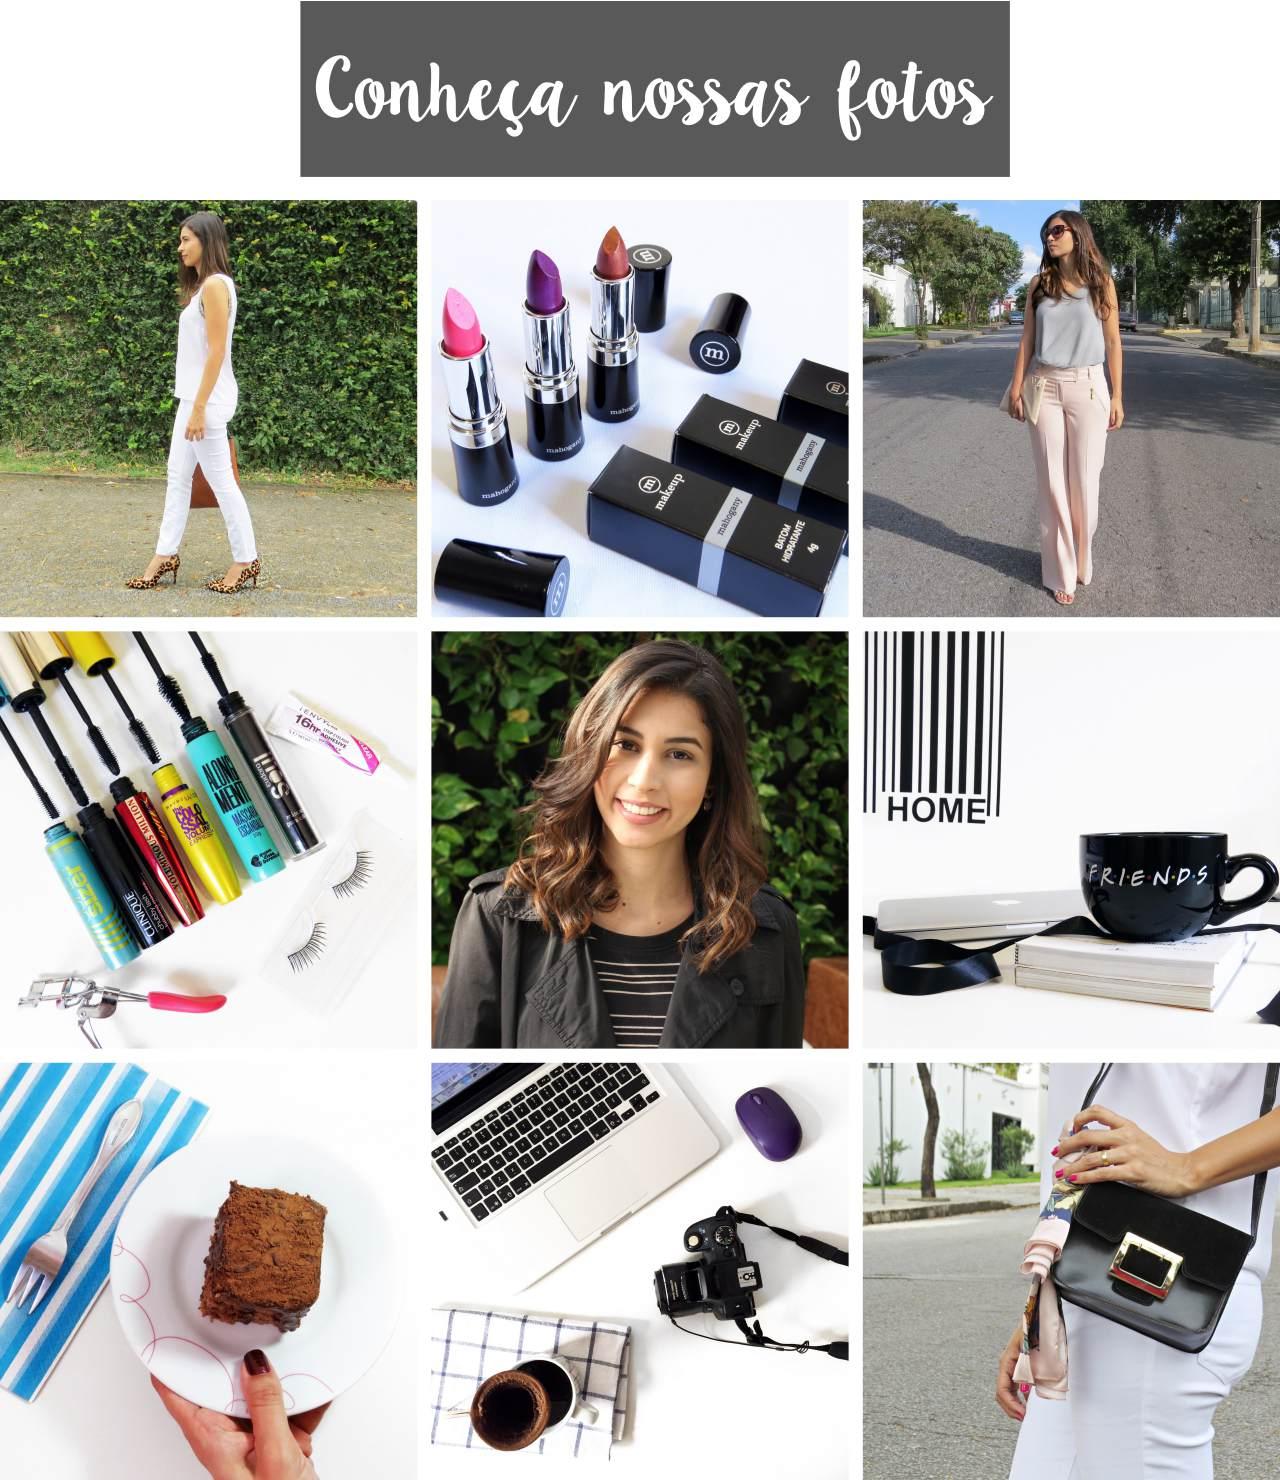 blog feminino mais acessado de bh - conheca o blog oolhaisso por tallita lisboa @tallitalisboa